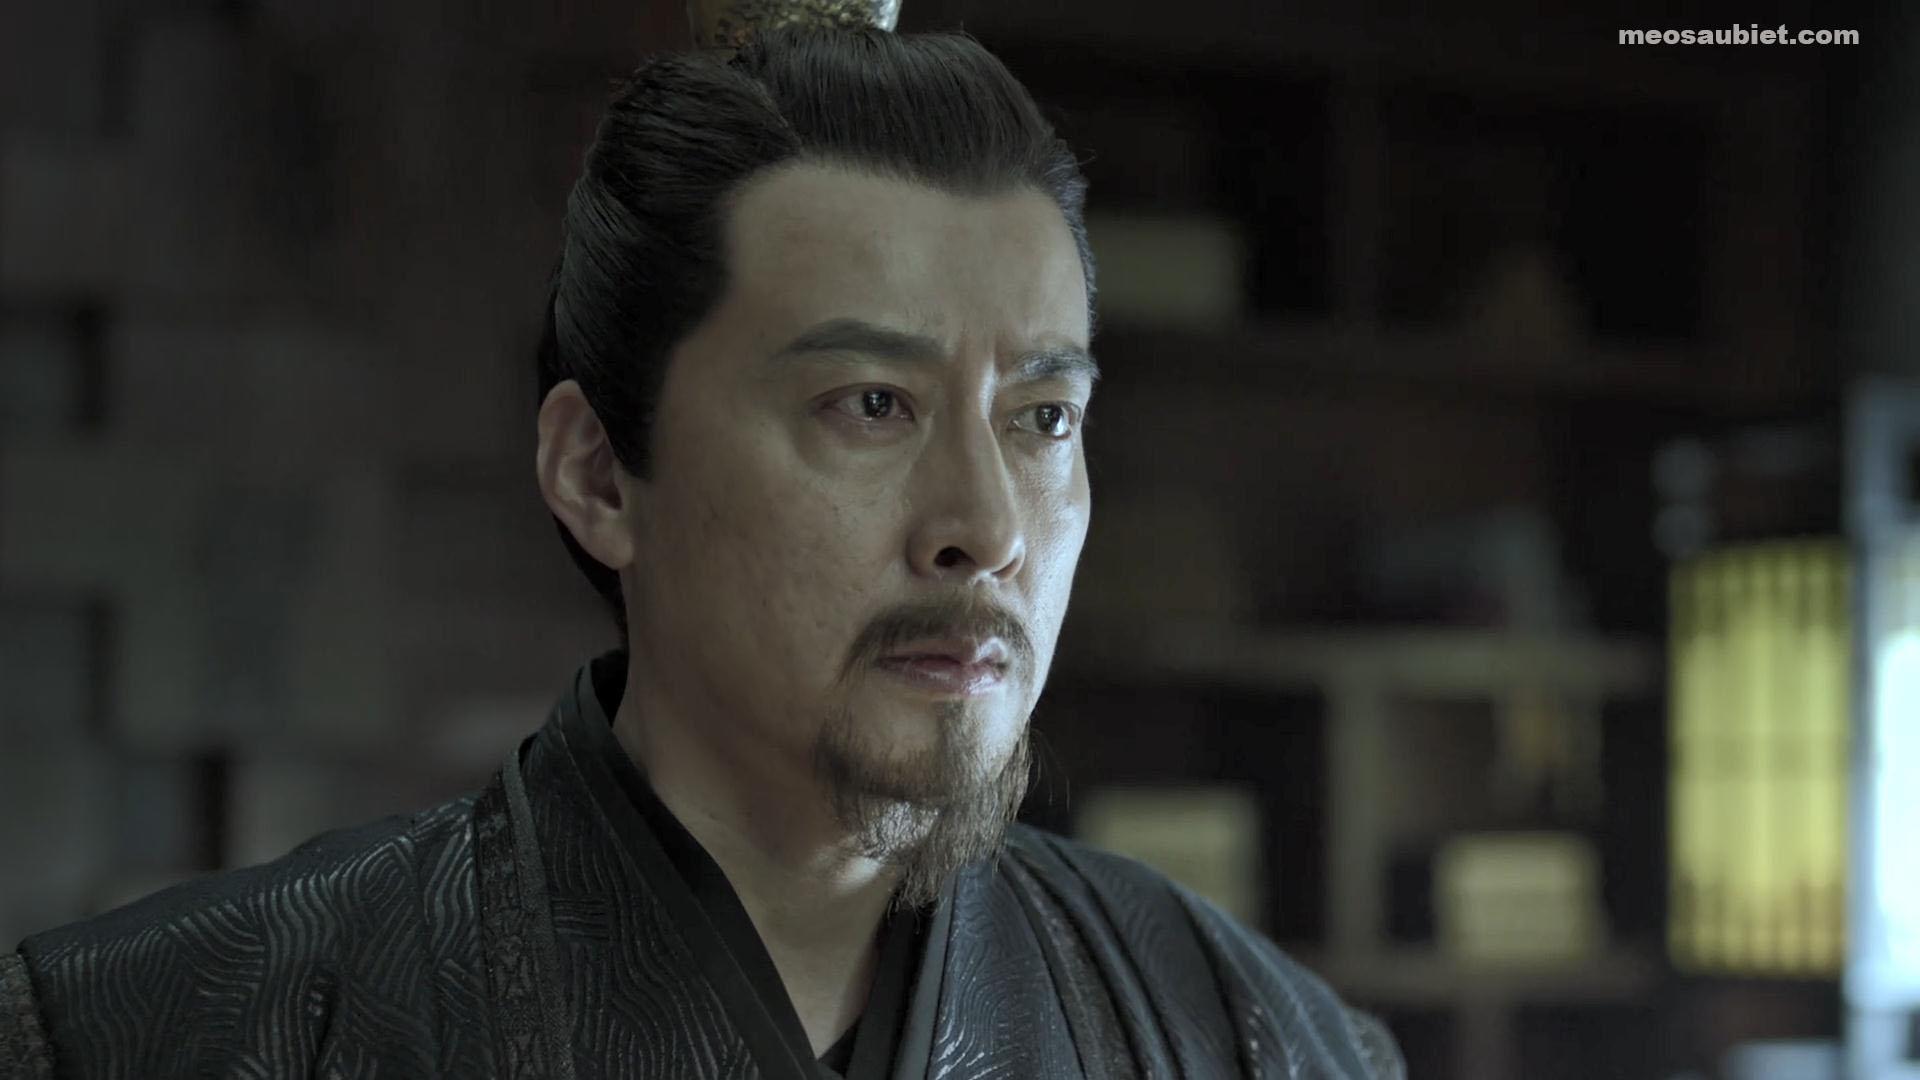 Khánh Dư Niên 2019 Vu Dương trong vai Tể tướng , Lâm Nhược Phủ